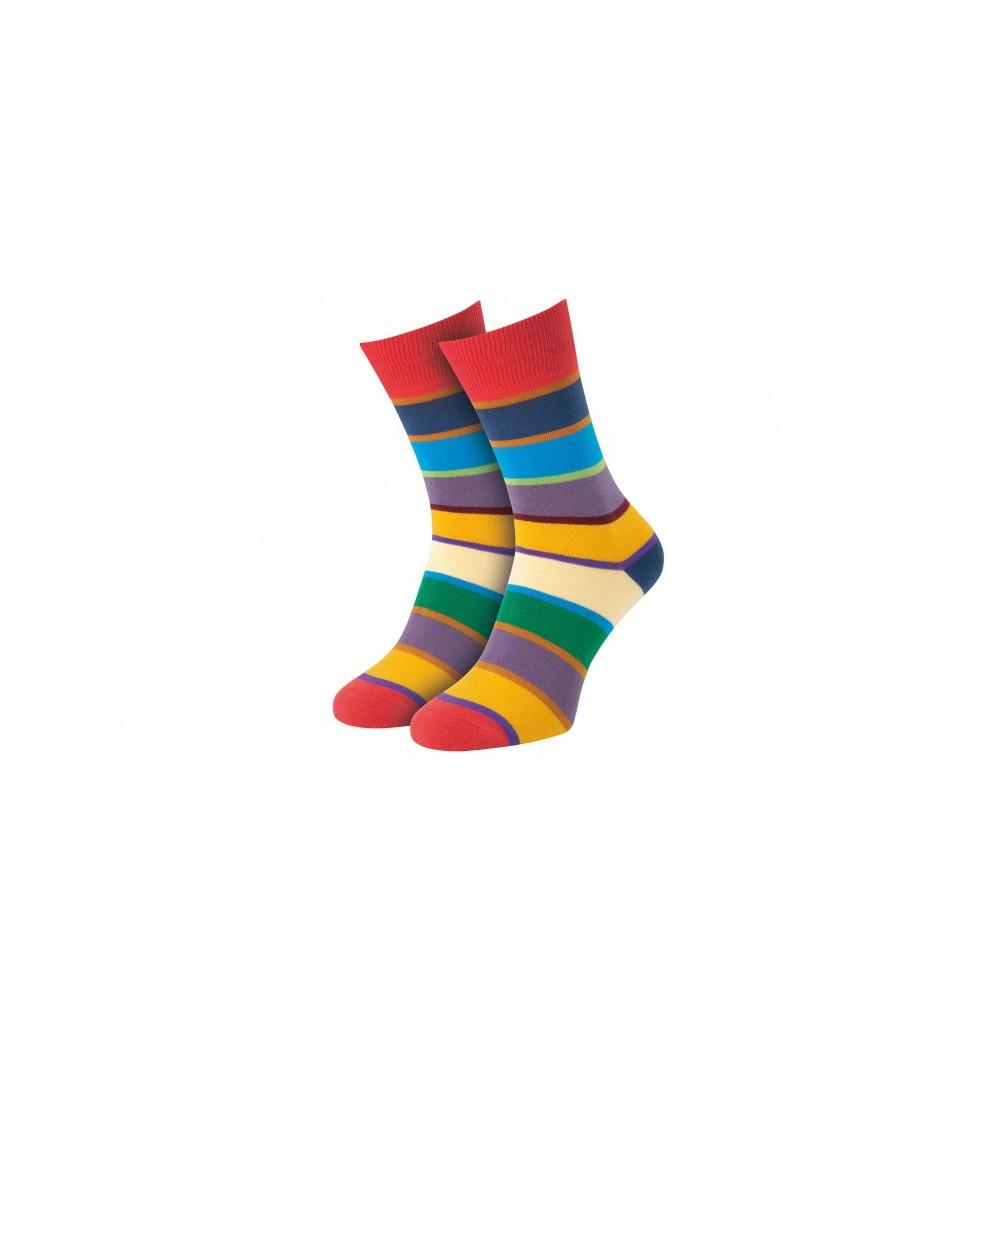 Socken bunt Herren von REMEMBER